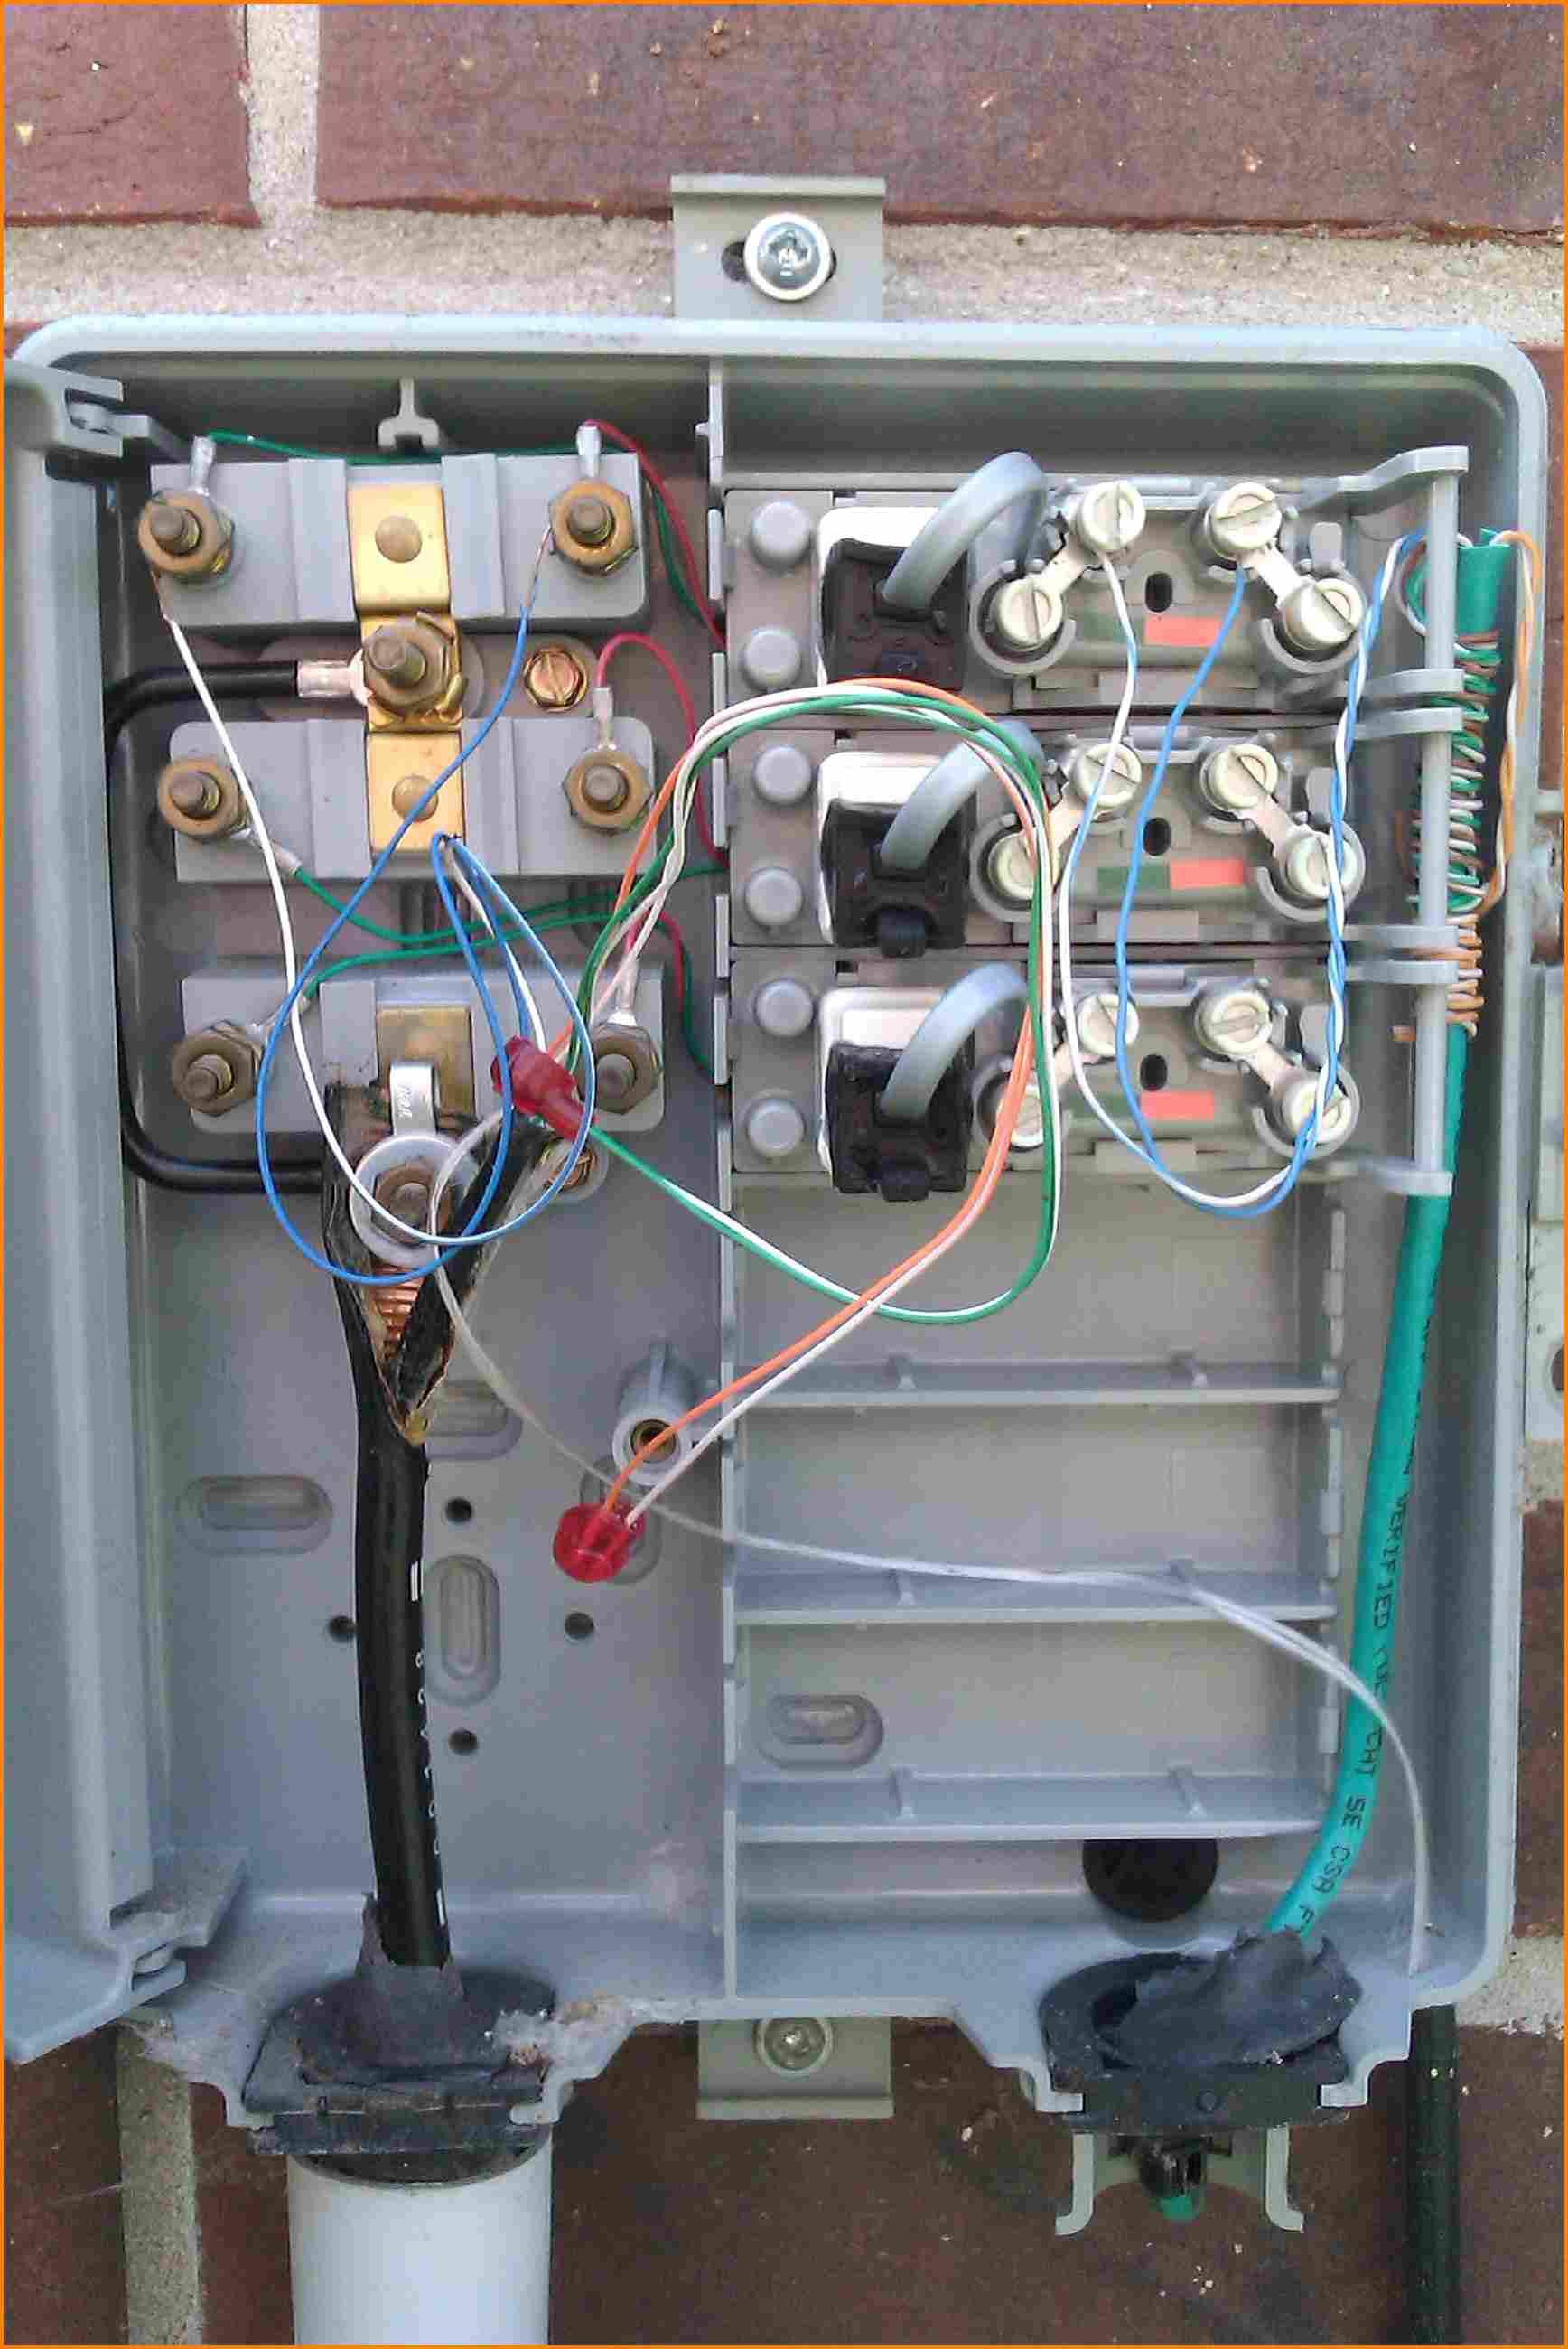 At Amp T U Verse Wiring Diagram | Wiring Schematic Diagram Nid Wiring Diagram At Amp T on